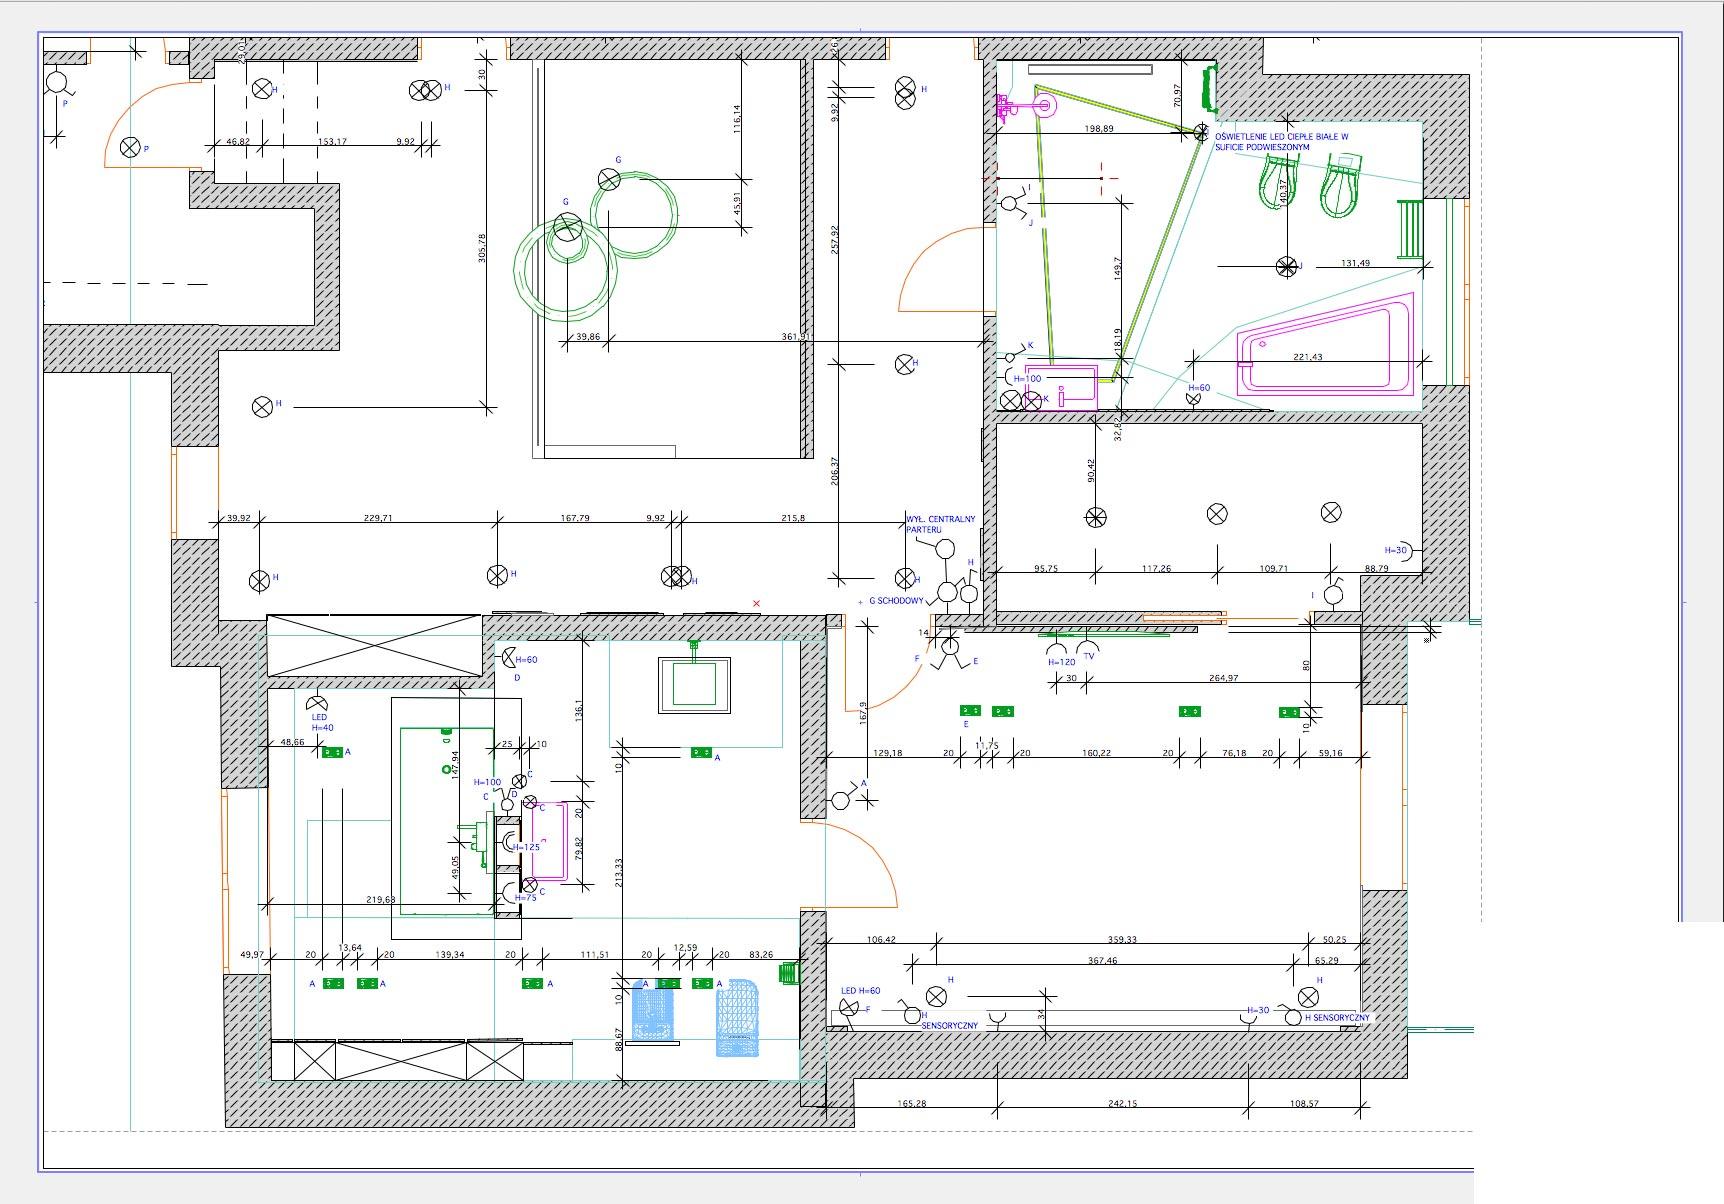 Samodzielne projektowanie wnętrz online, czy profesjonalny projekt architekta? - The Architect ...